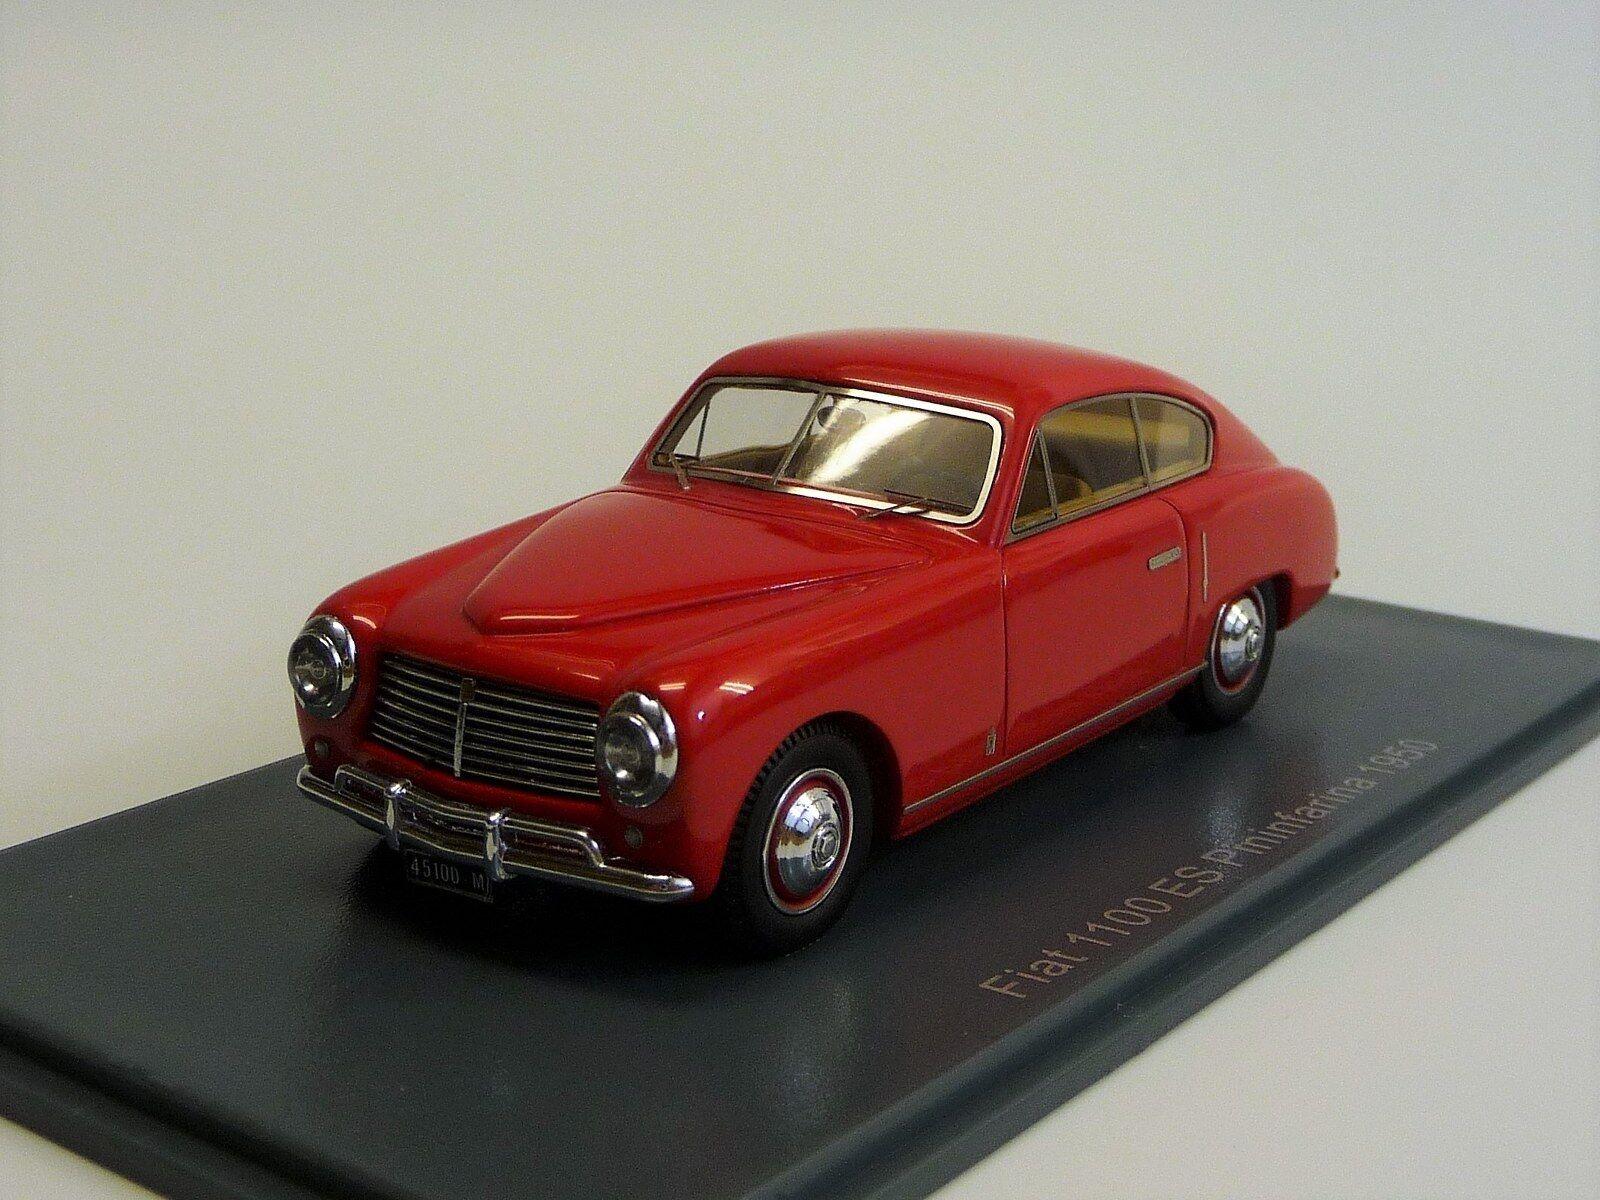 Fiat 1100 ES Pinifarina 1950 Neo Scale Models 45100 Neu in OVP 1 43